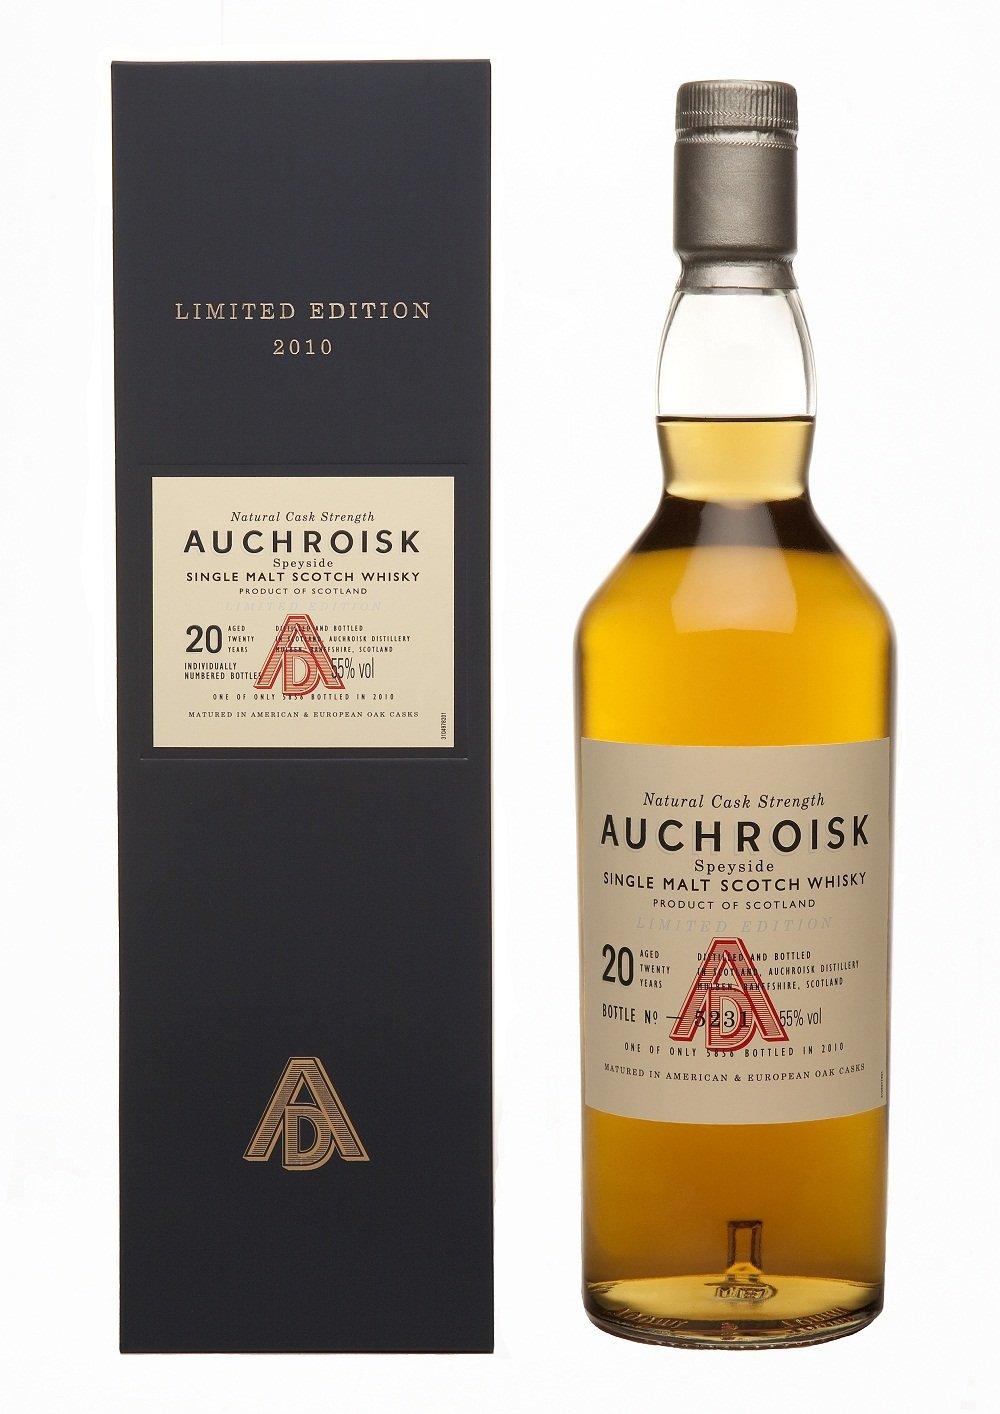 Auchroisk 20 Years Old